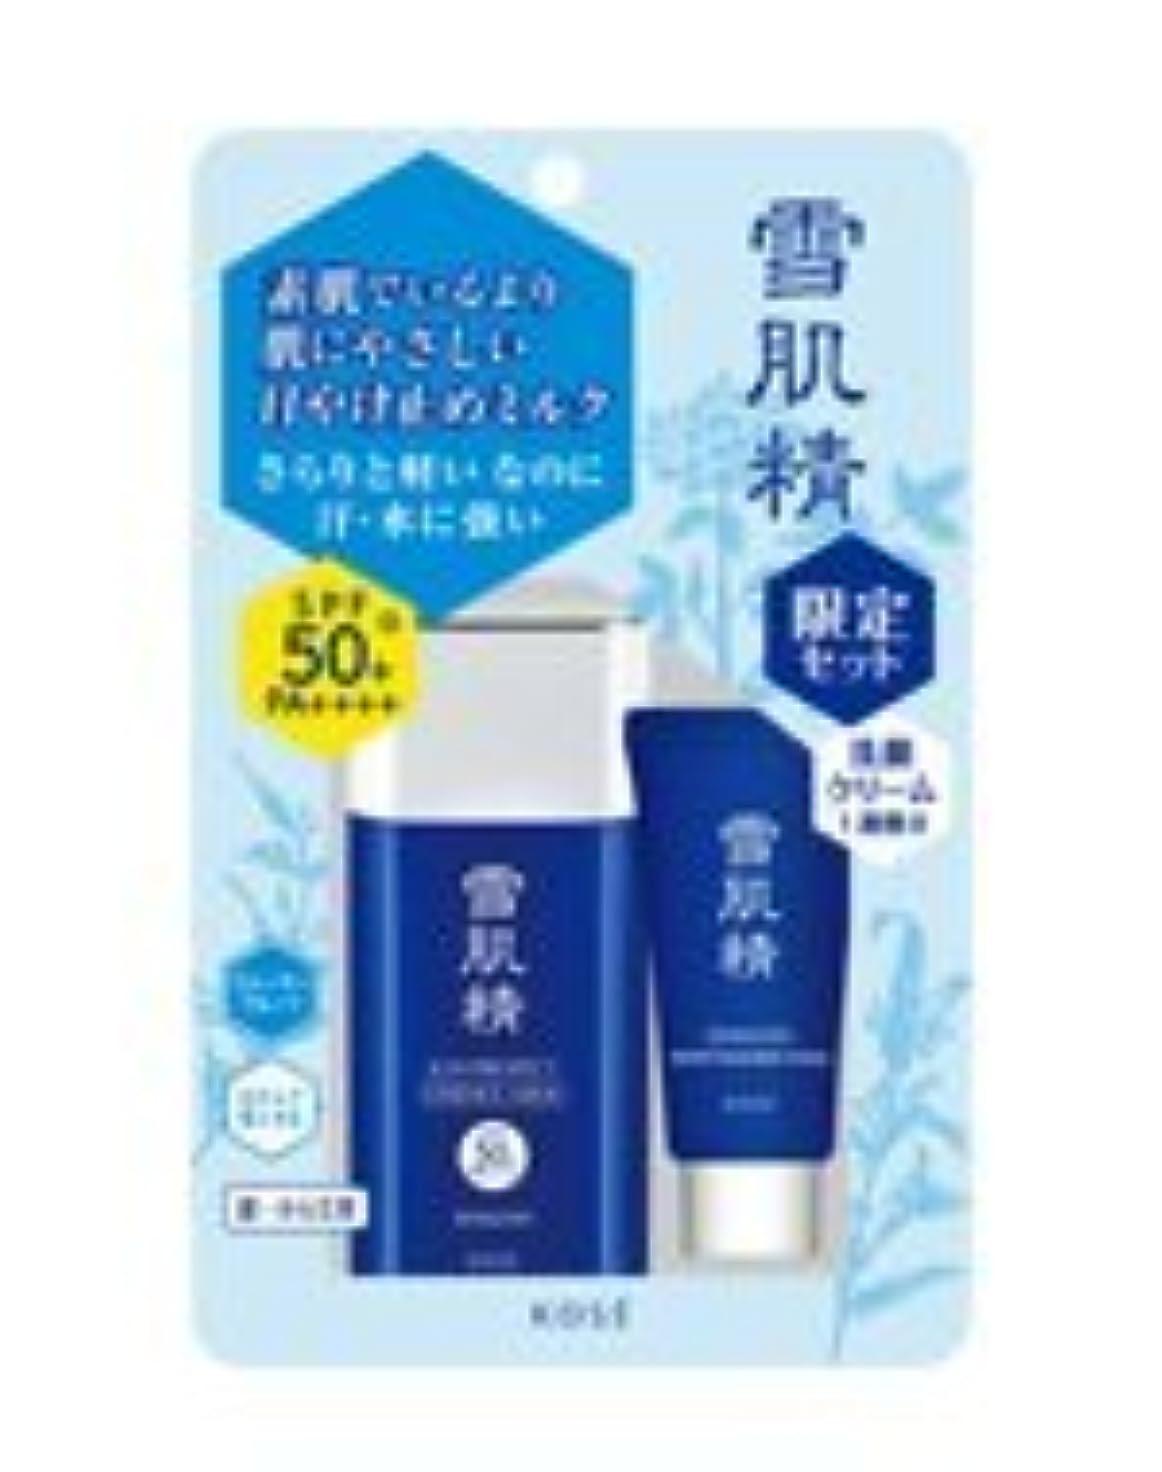 粒保持する厳限定発売 コーセー 雪肌精 サンプロテクト エッセンス ミルク N キット